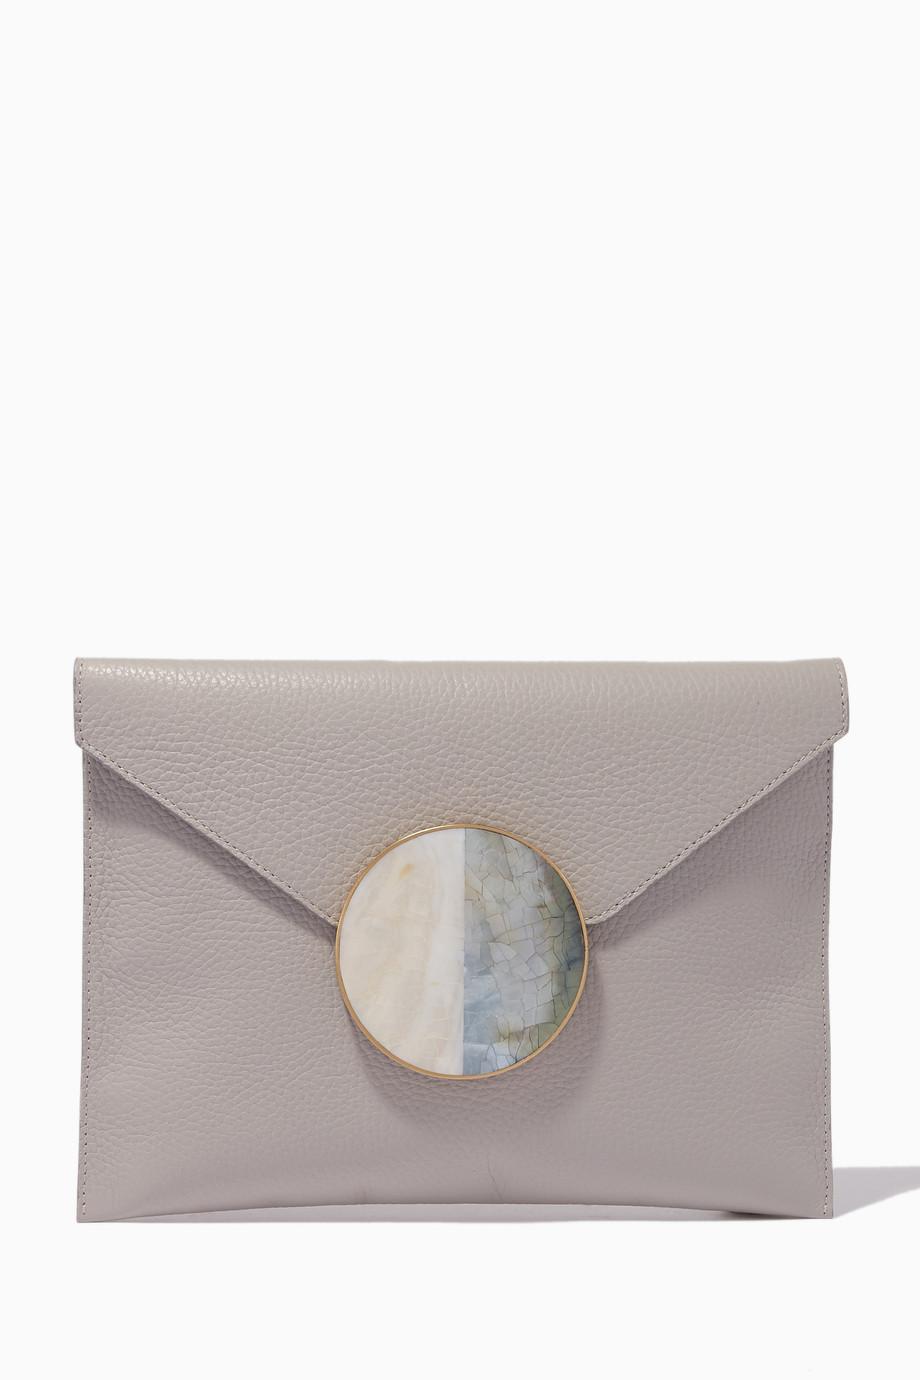 acb83f2a90b78 تسوق حقيبة من الجلد الطبيعي على شكل ظرف رمادي ناتالي تراد رمادي ...